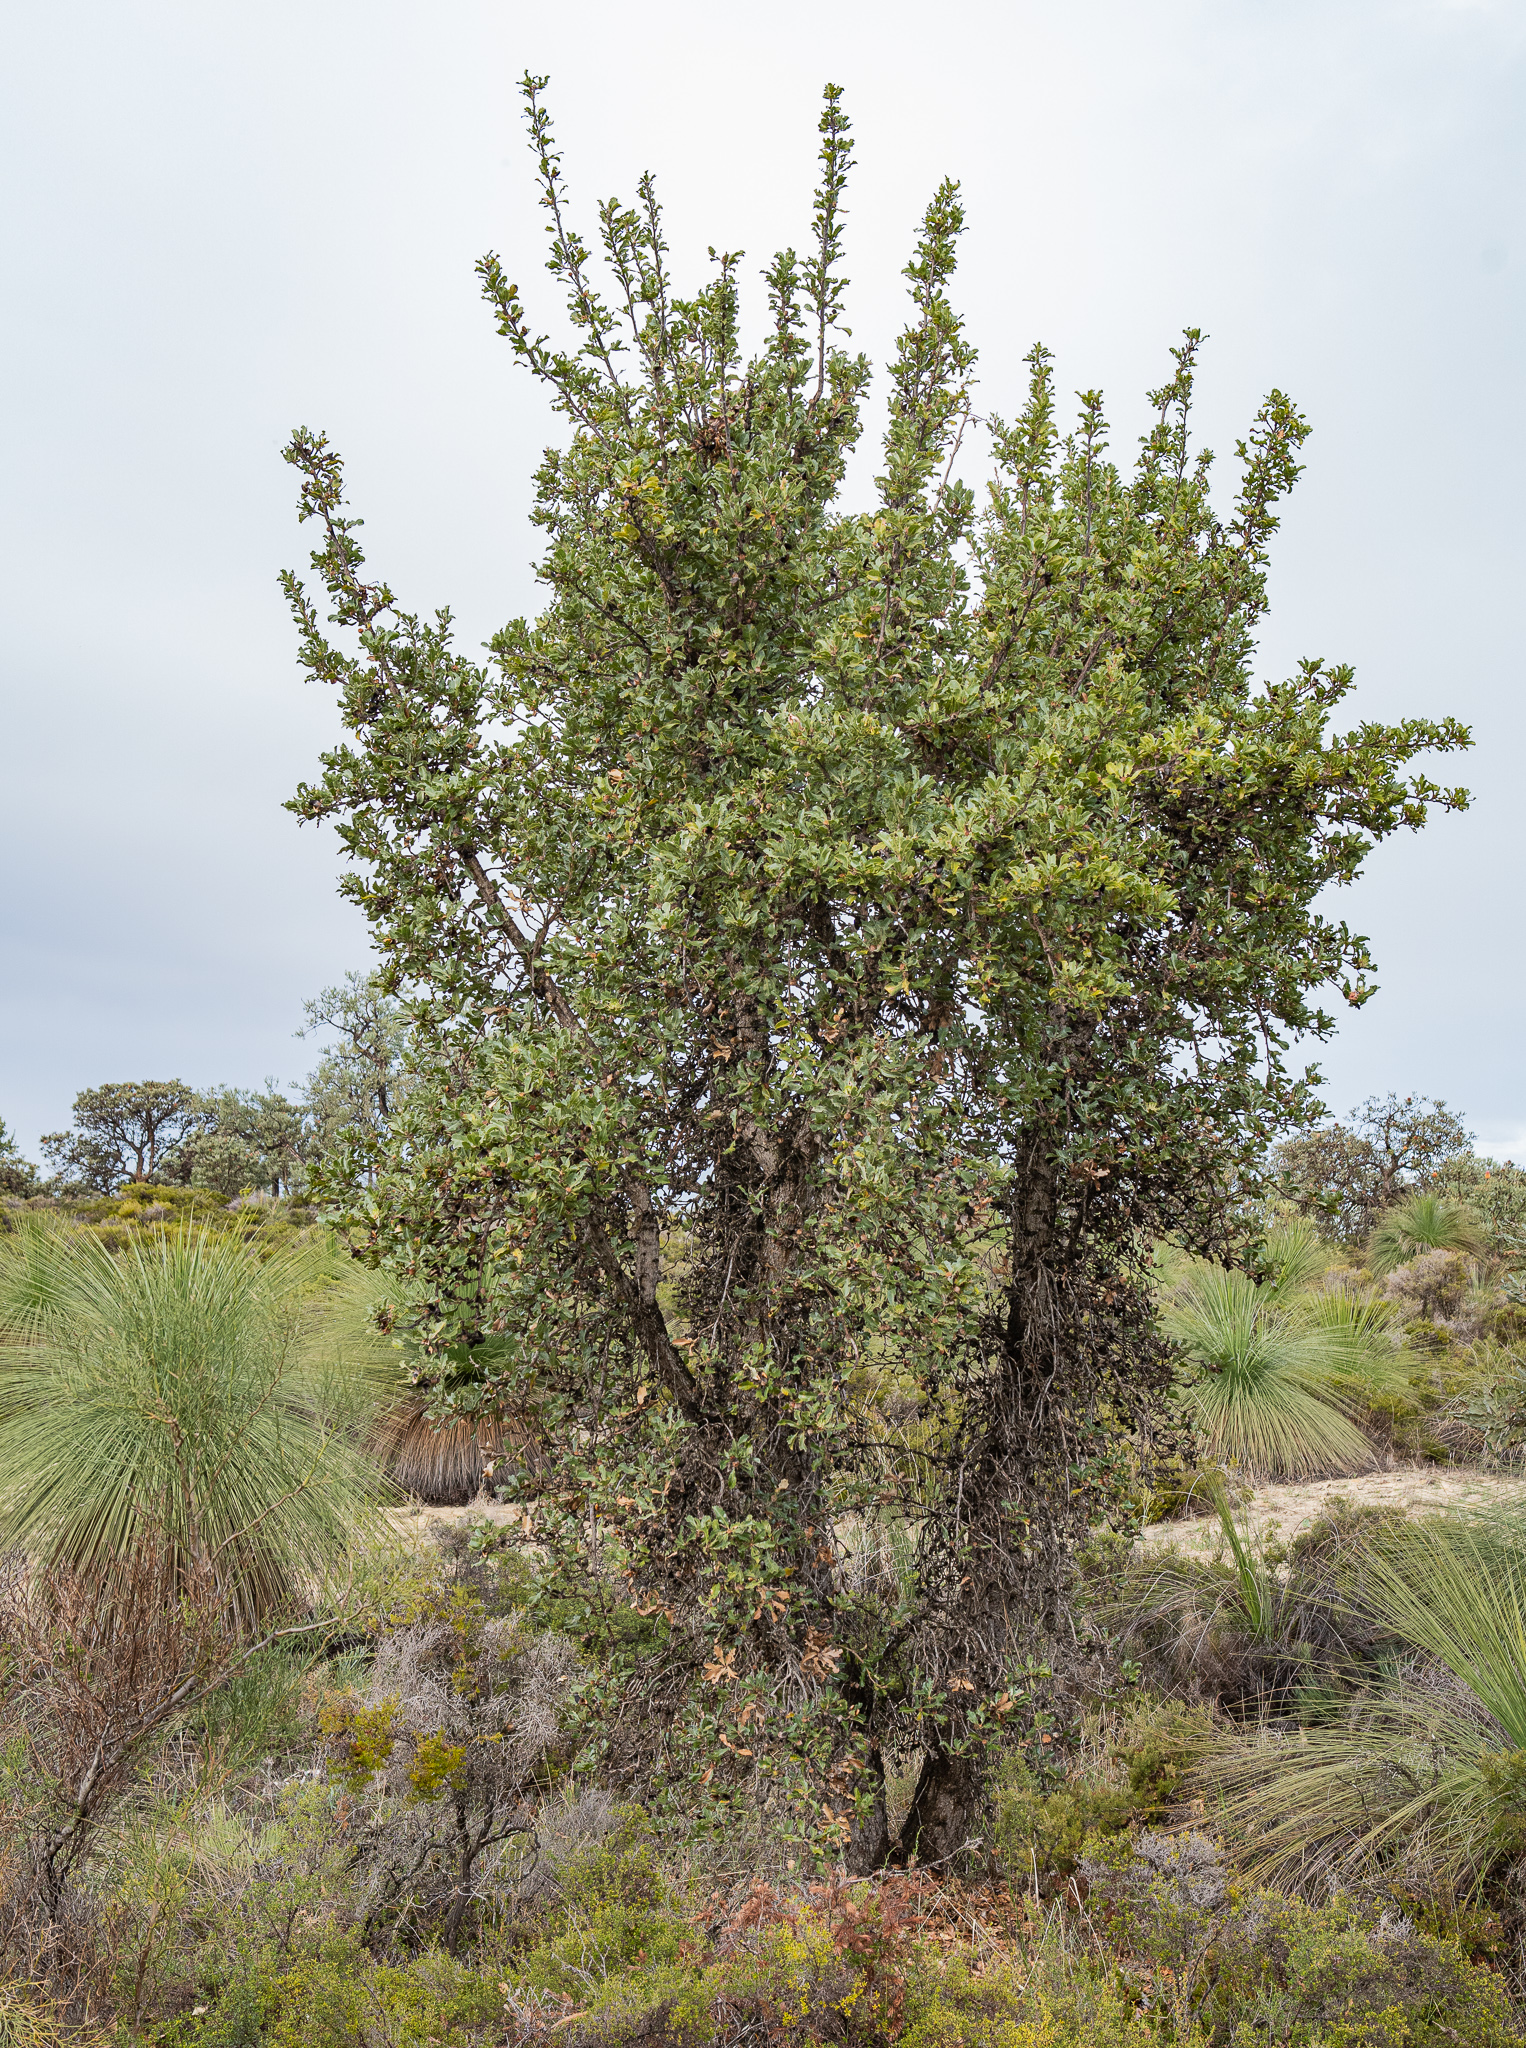 Holly-leaf banksia